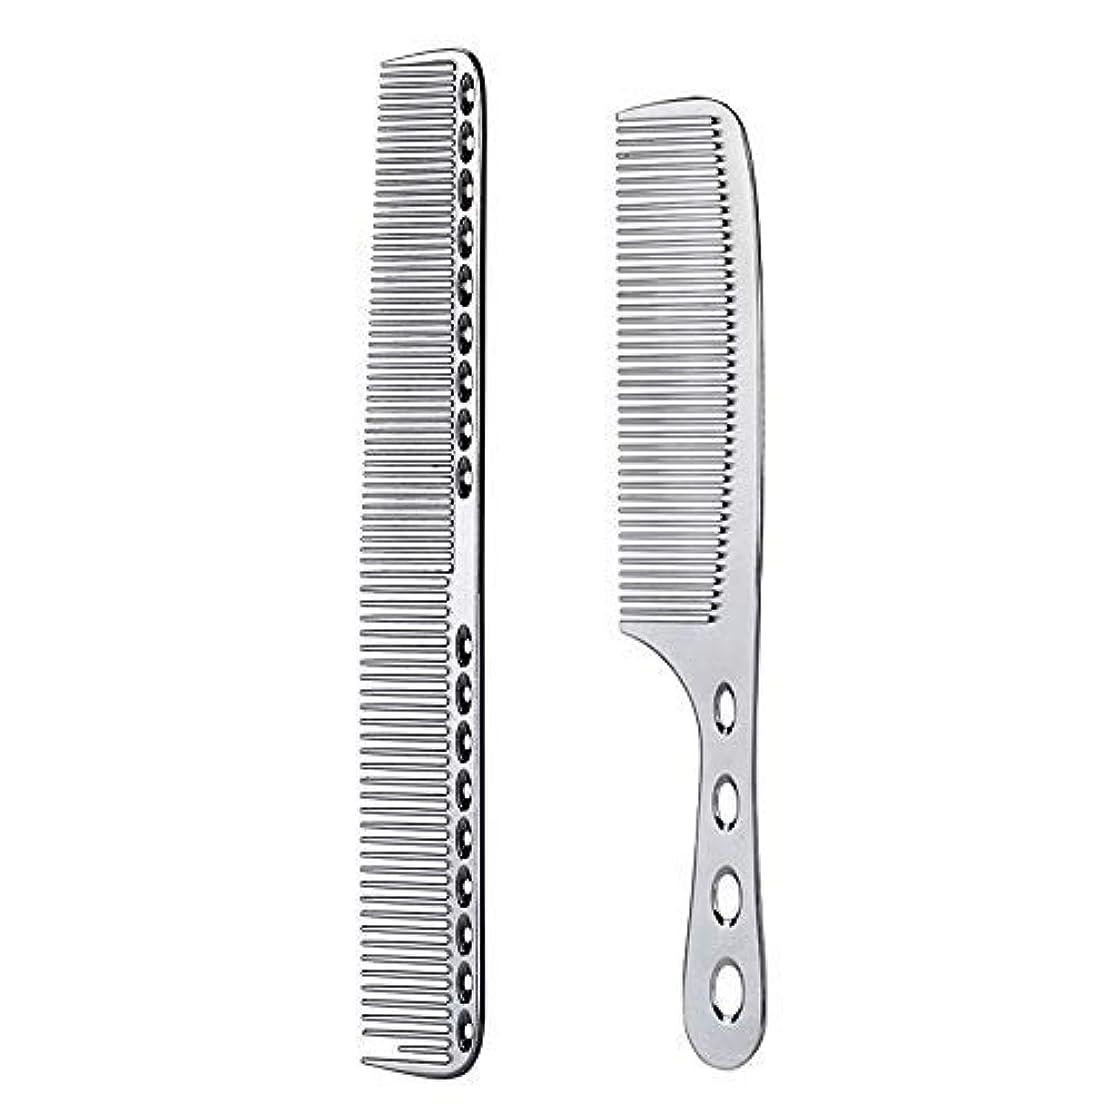 みなさんレンチ終わらせる2 pcs Stainless Steel Hair Combs Anti Static Styling Comb Hairdressing Barbers Combs (Silver) [並行輸入品]